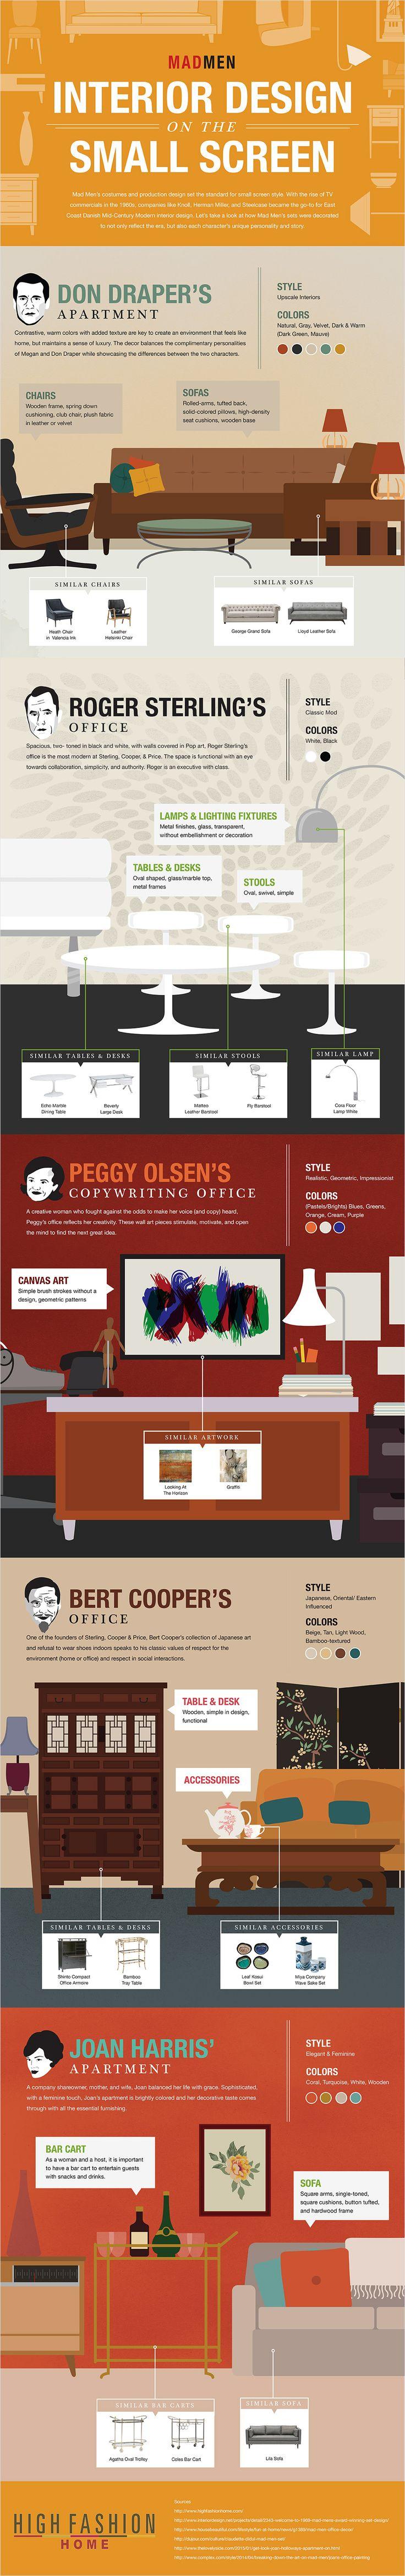 Mad Men Interior Design Infographic                                                                                                                                                                                 More